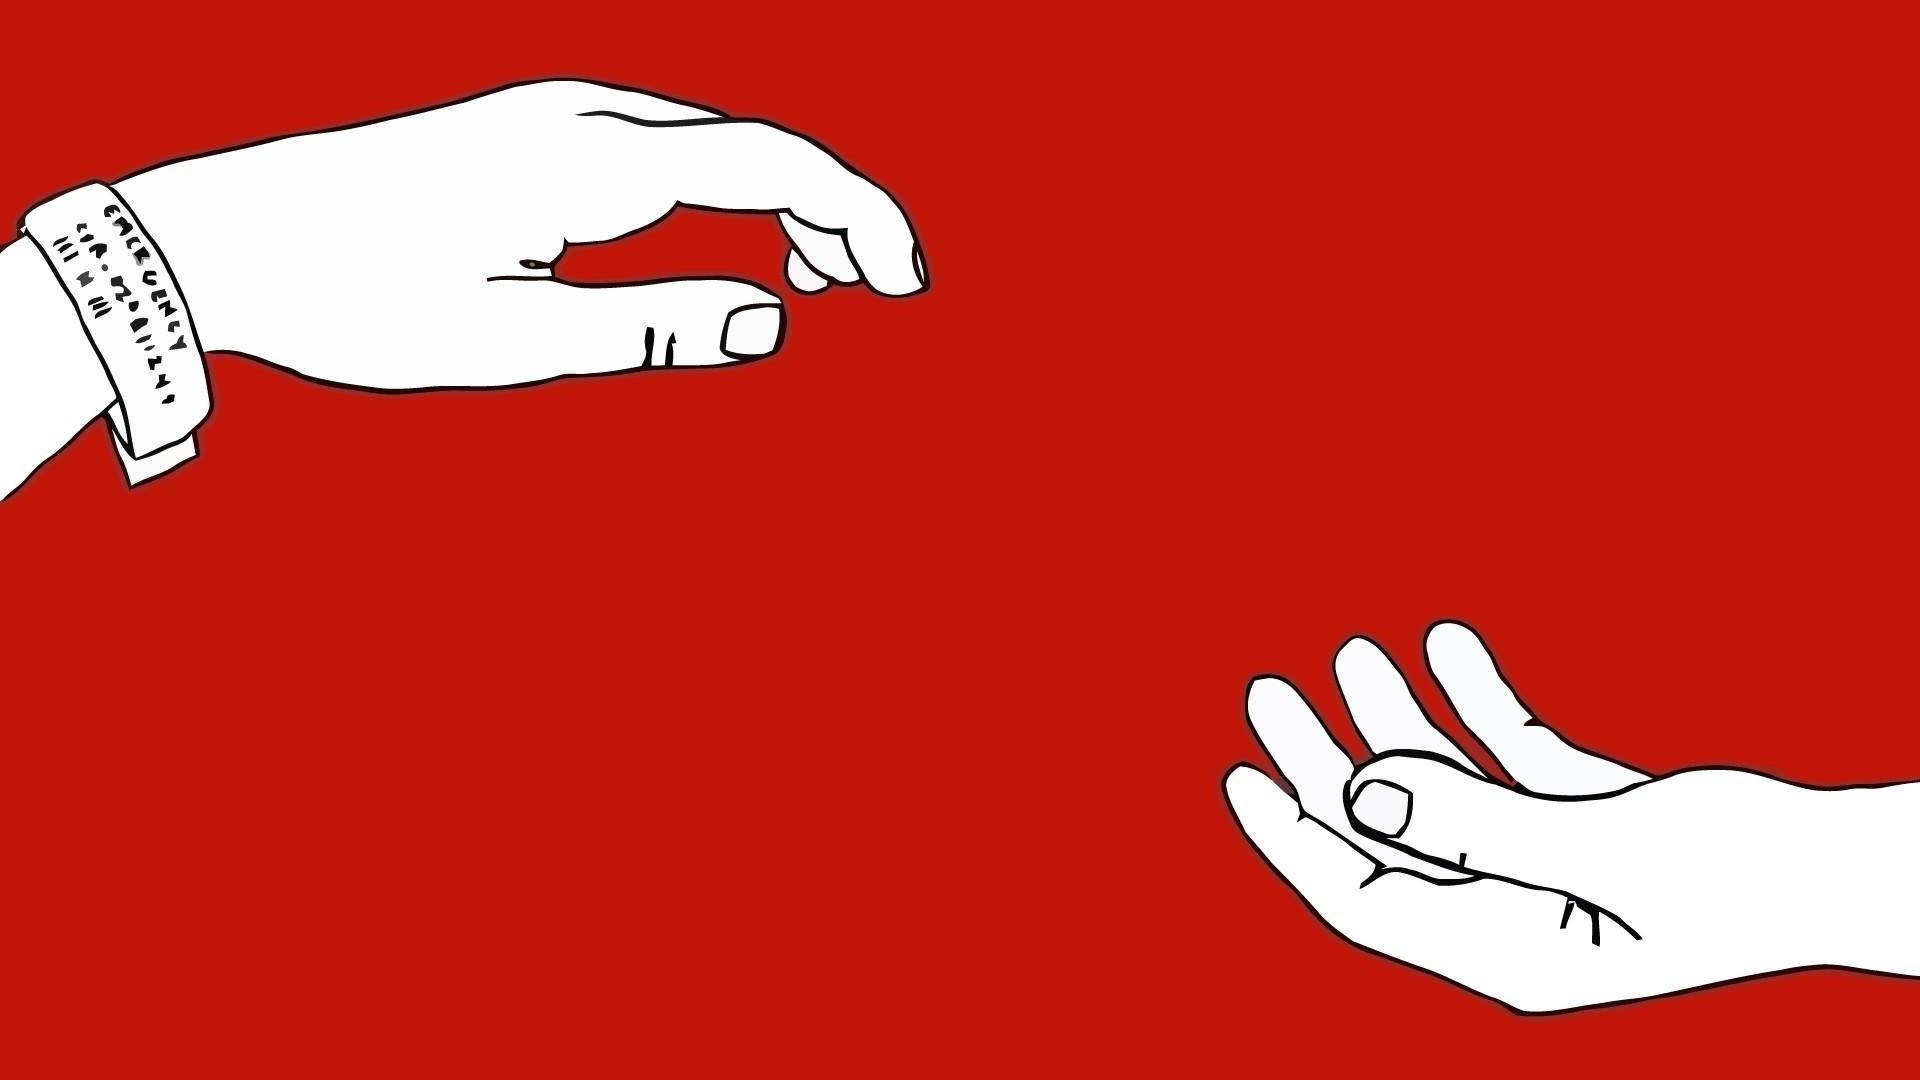 Wallpaper Ilustrasi Minimalis Merah Gambar Kartun The Antlers